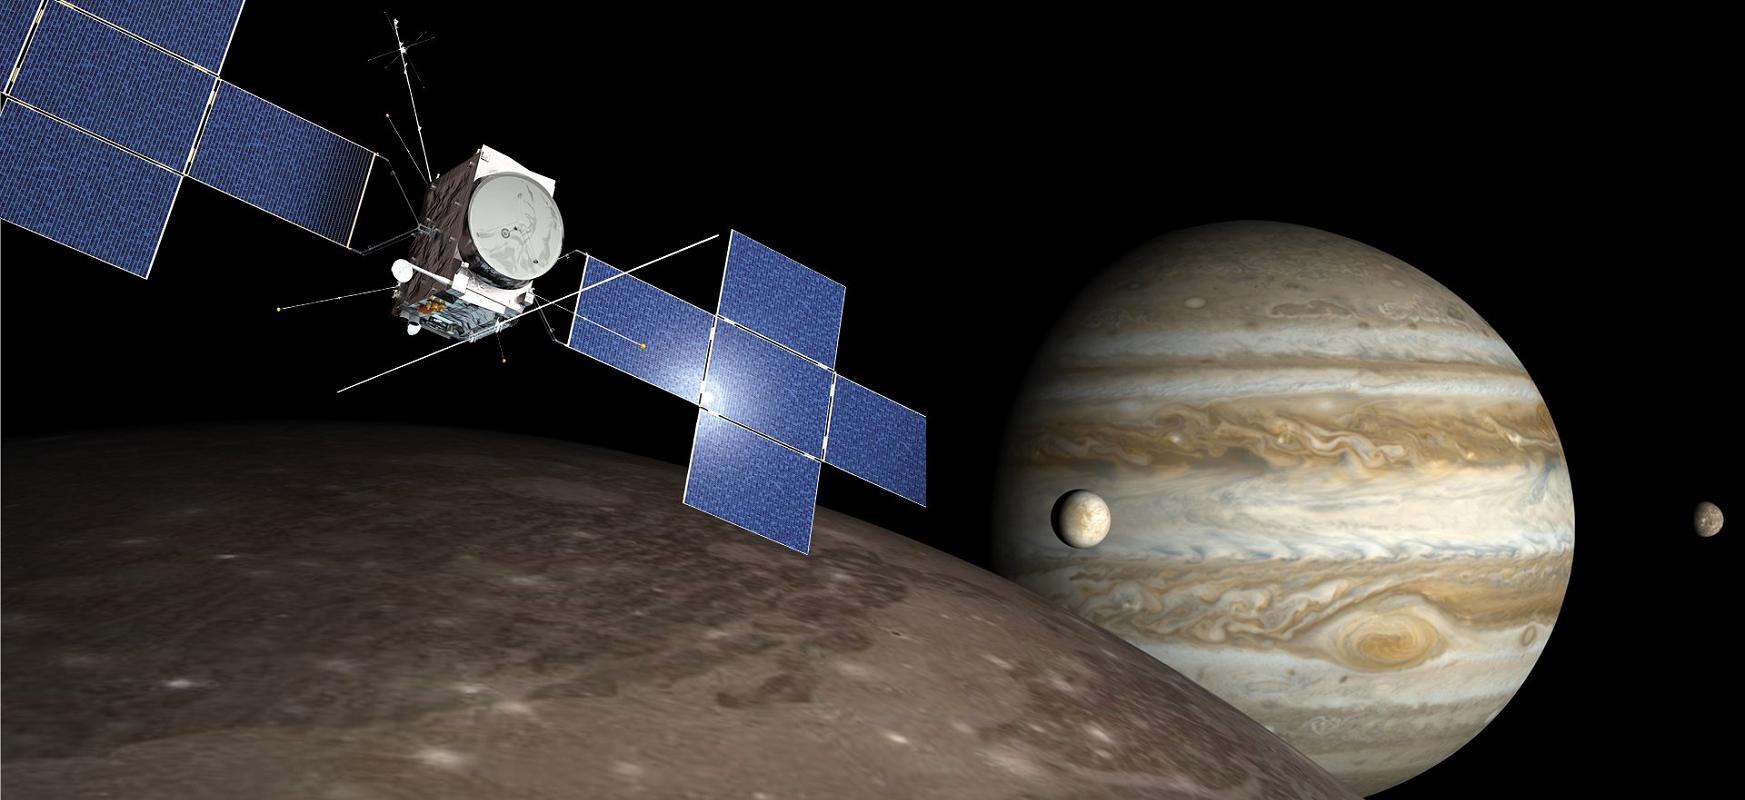 Europako JUICE espazio-ontziak ozeanoak bilatuko ditu Jupiterren lunetan